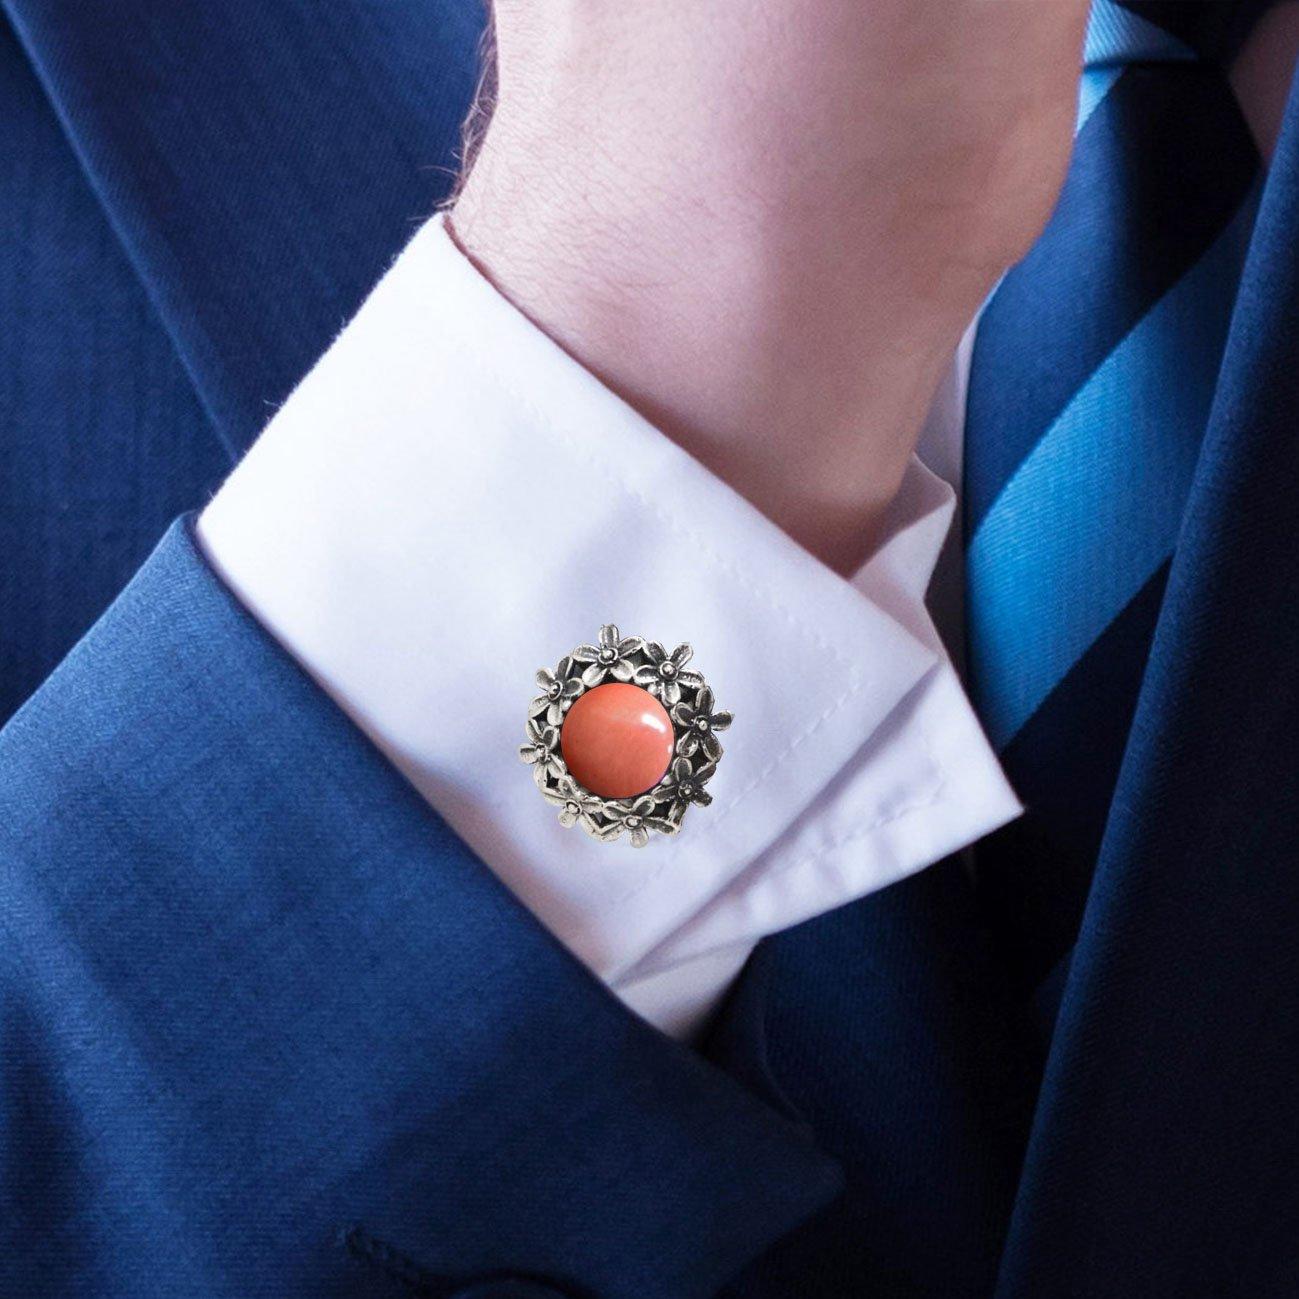 Men's Cufflinks Sea Coral Gemstones Sterling Silver 925 Handmade Vintage Style